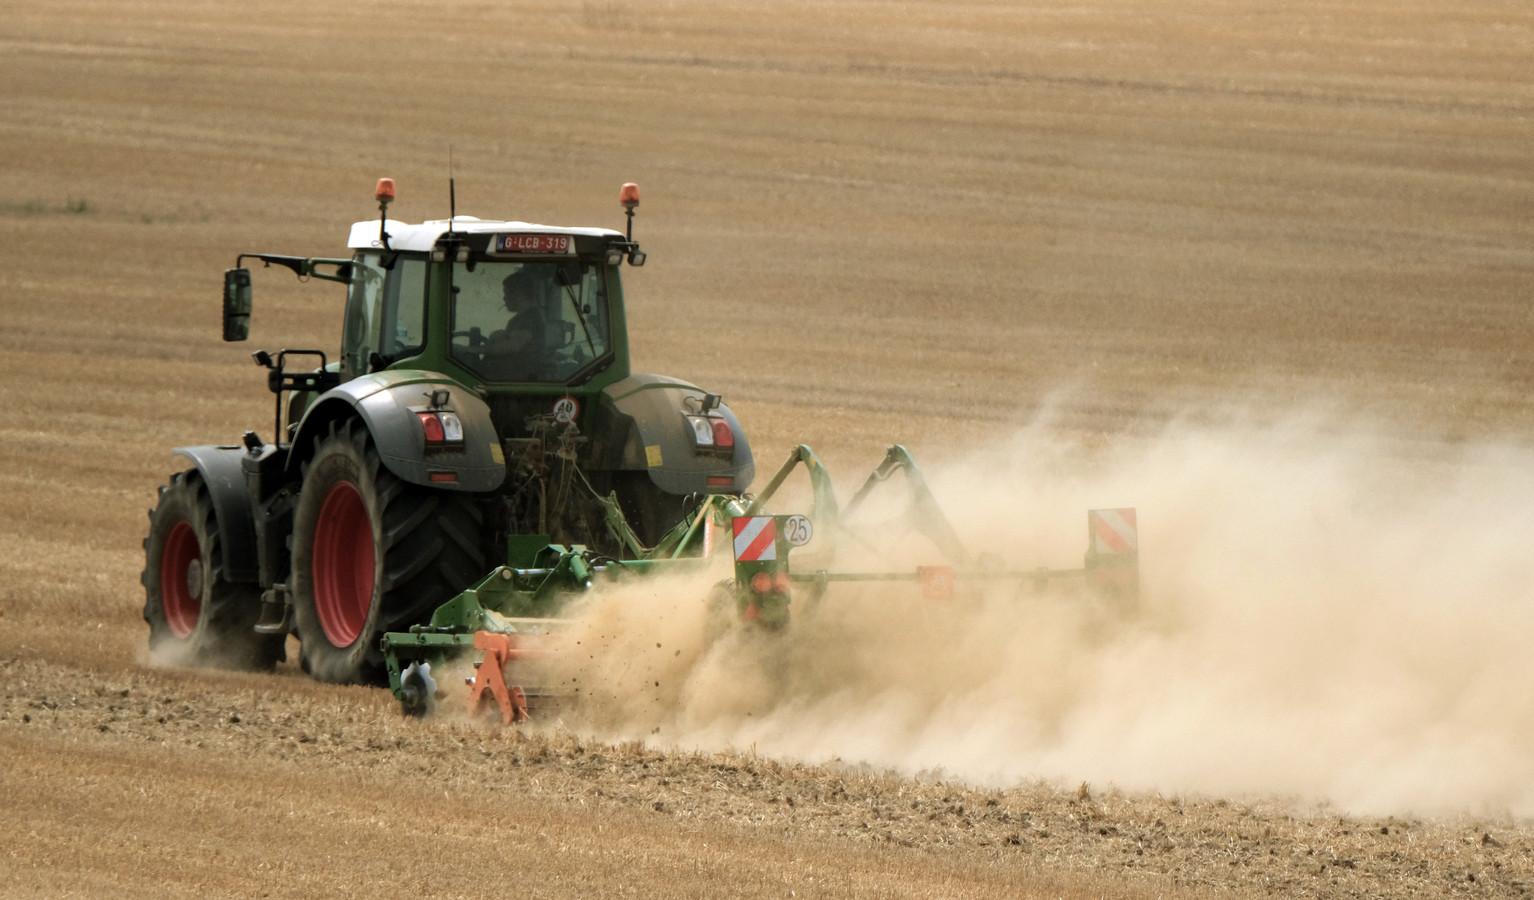 Bij waterschaarste kunnen landbouwers het verbod krijgen om de akkers te irrigeren maar de kraan moet blijven lopen